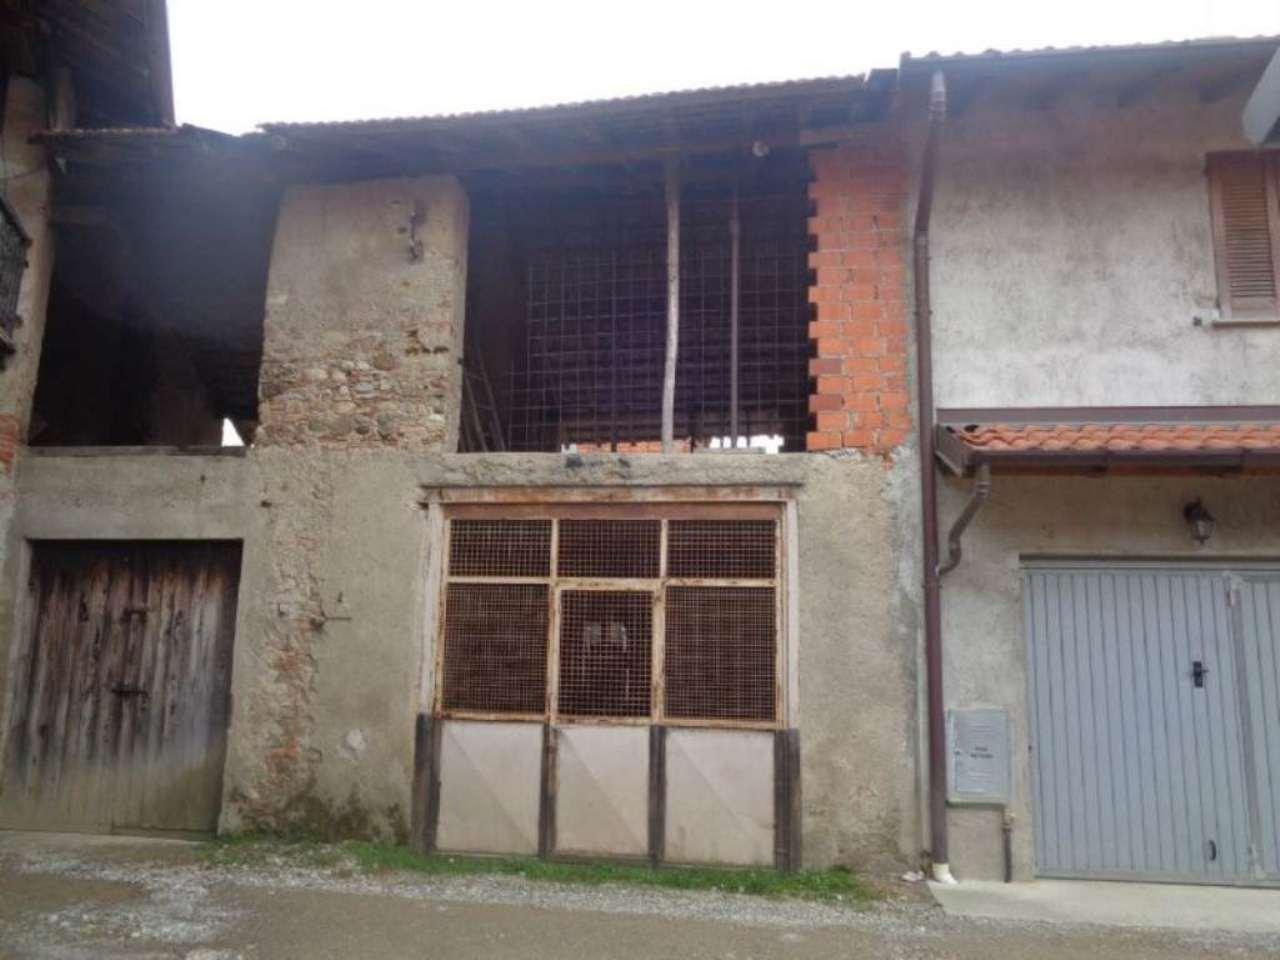 Rustico / Casale in vendita a Malnate, 3 locali, prezzo € 39.000 | Cambio Casa.it